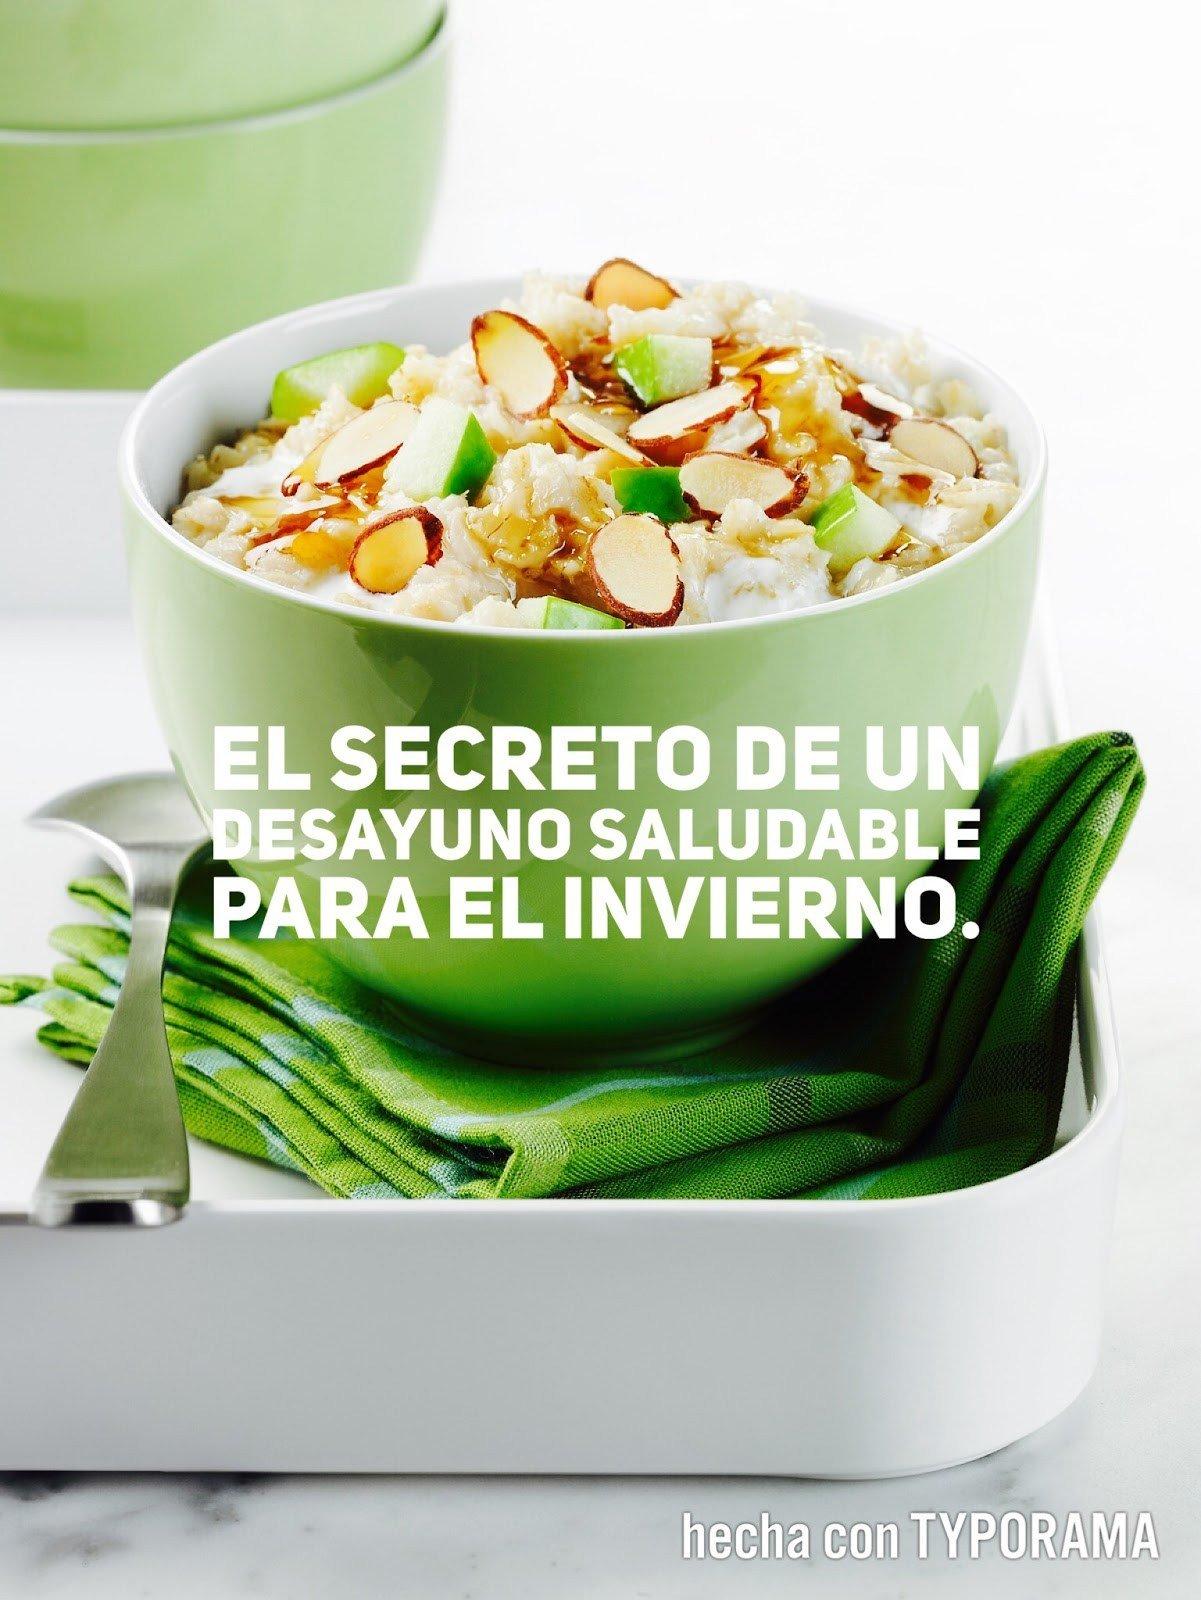 El secreto de un desayuno saludable para el invierno.